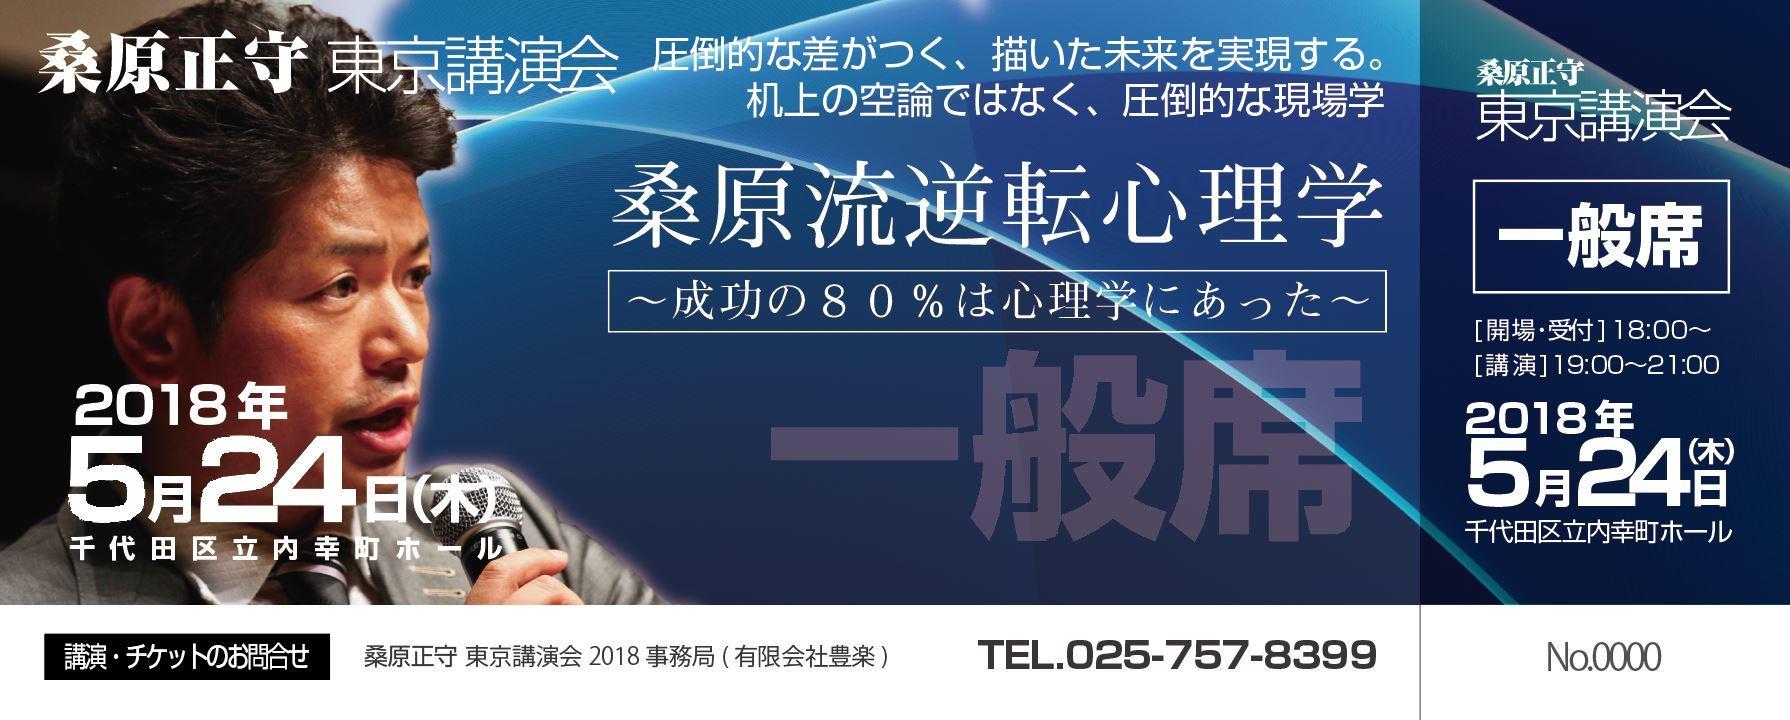 桑原正守2018講演会【5/24開催】一般席チケット